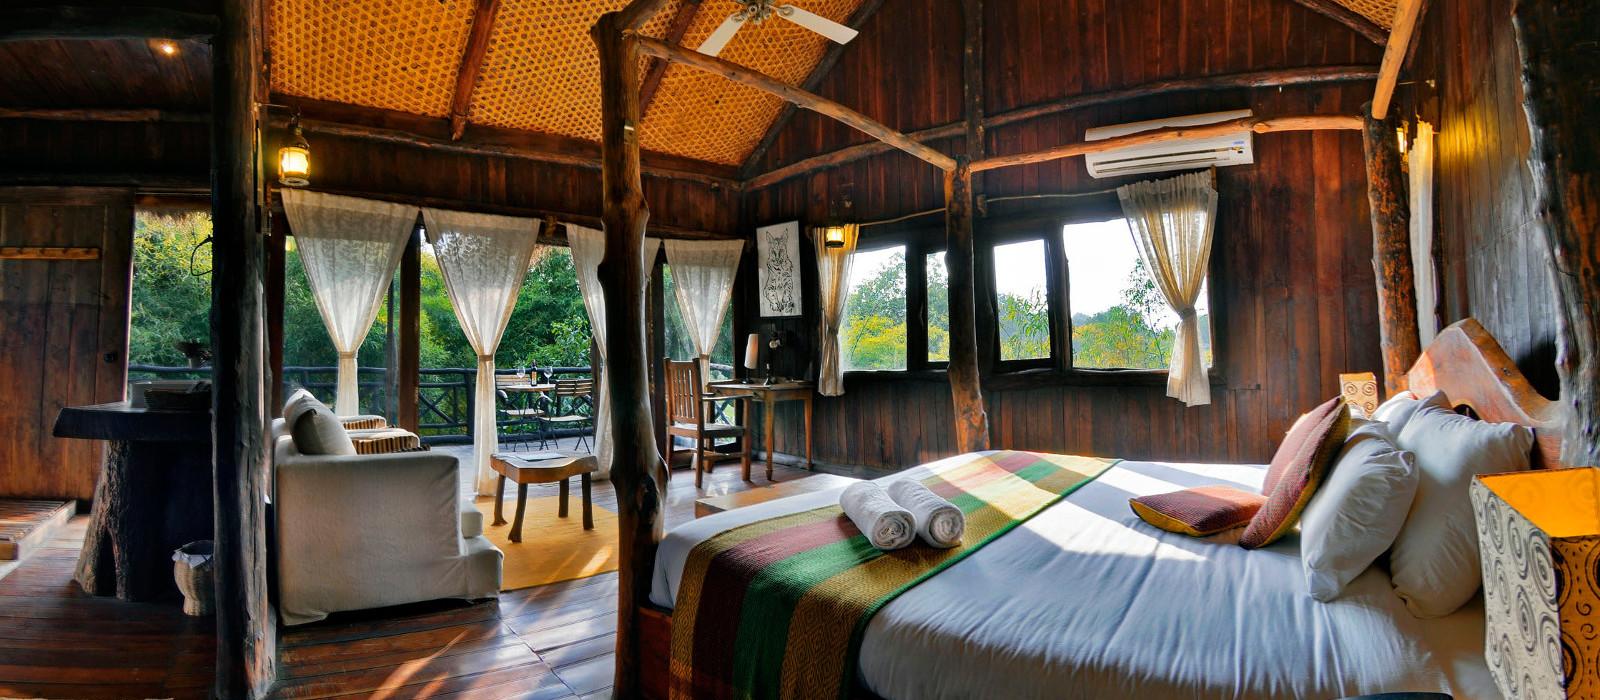 Hotel Tree House Hideaway Nordindien